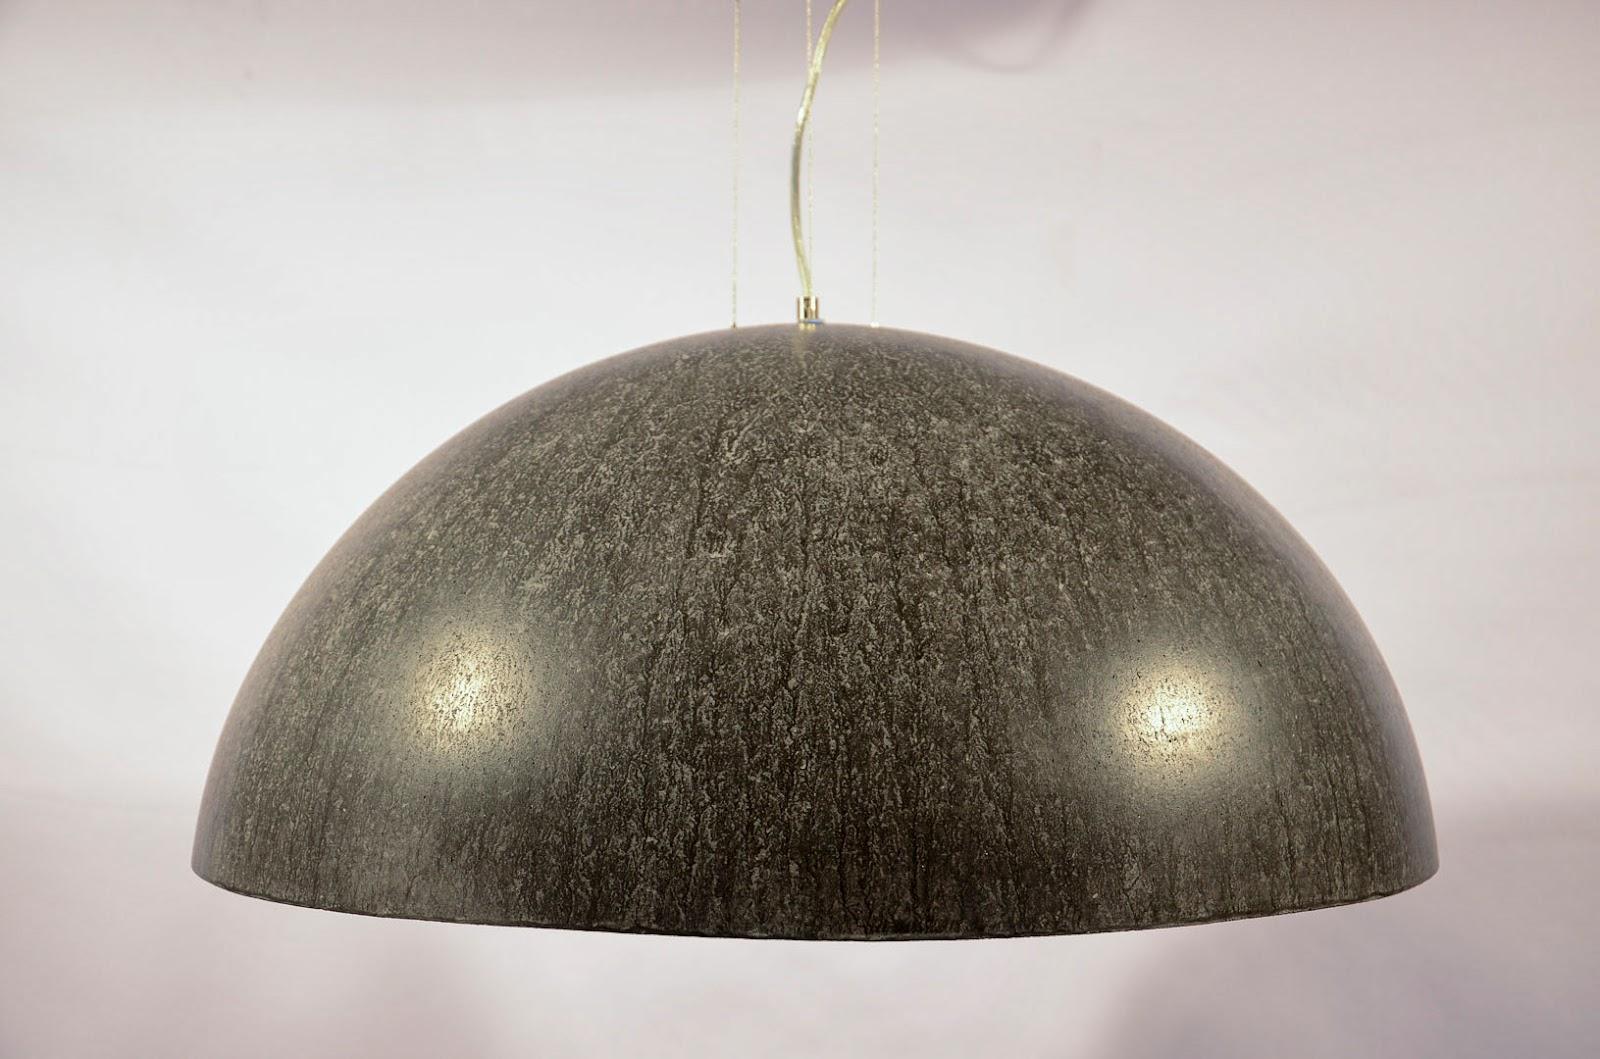 Betonlampe xxl